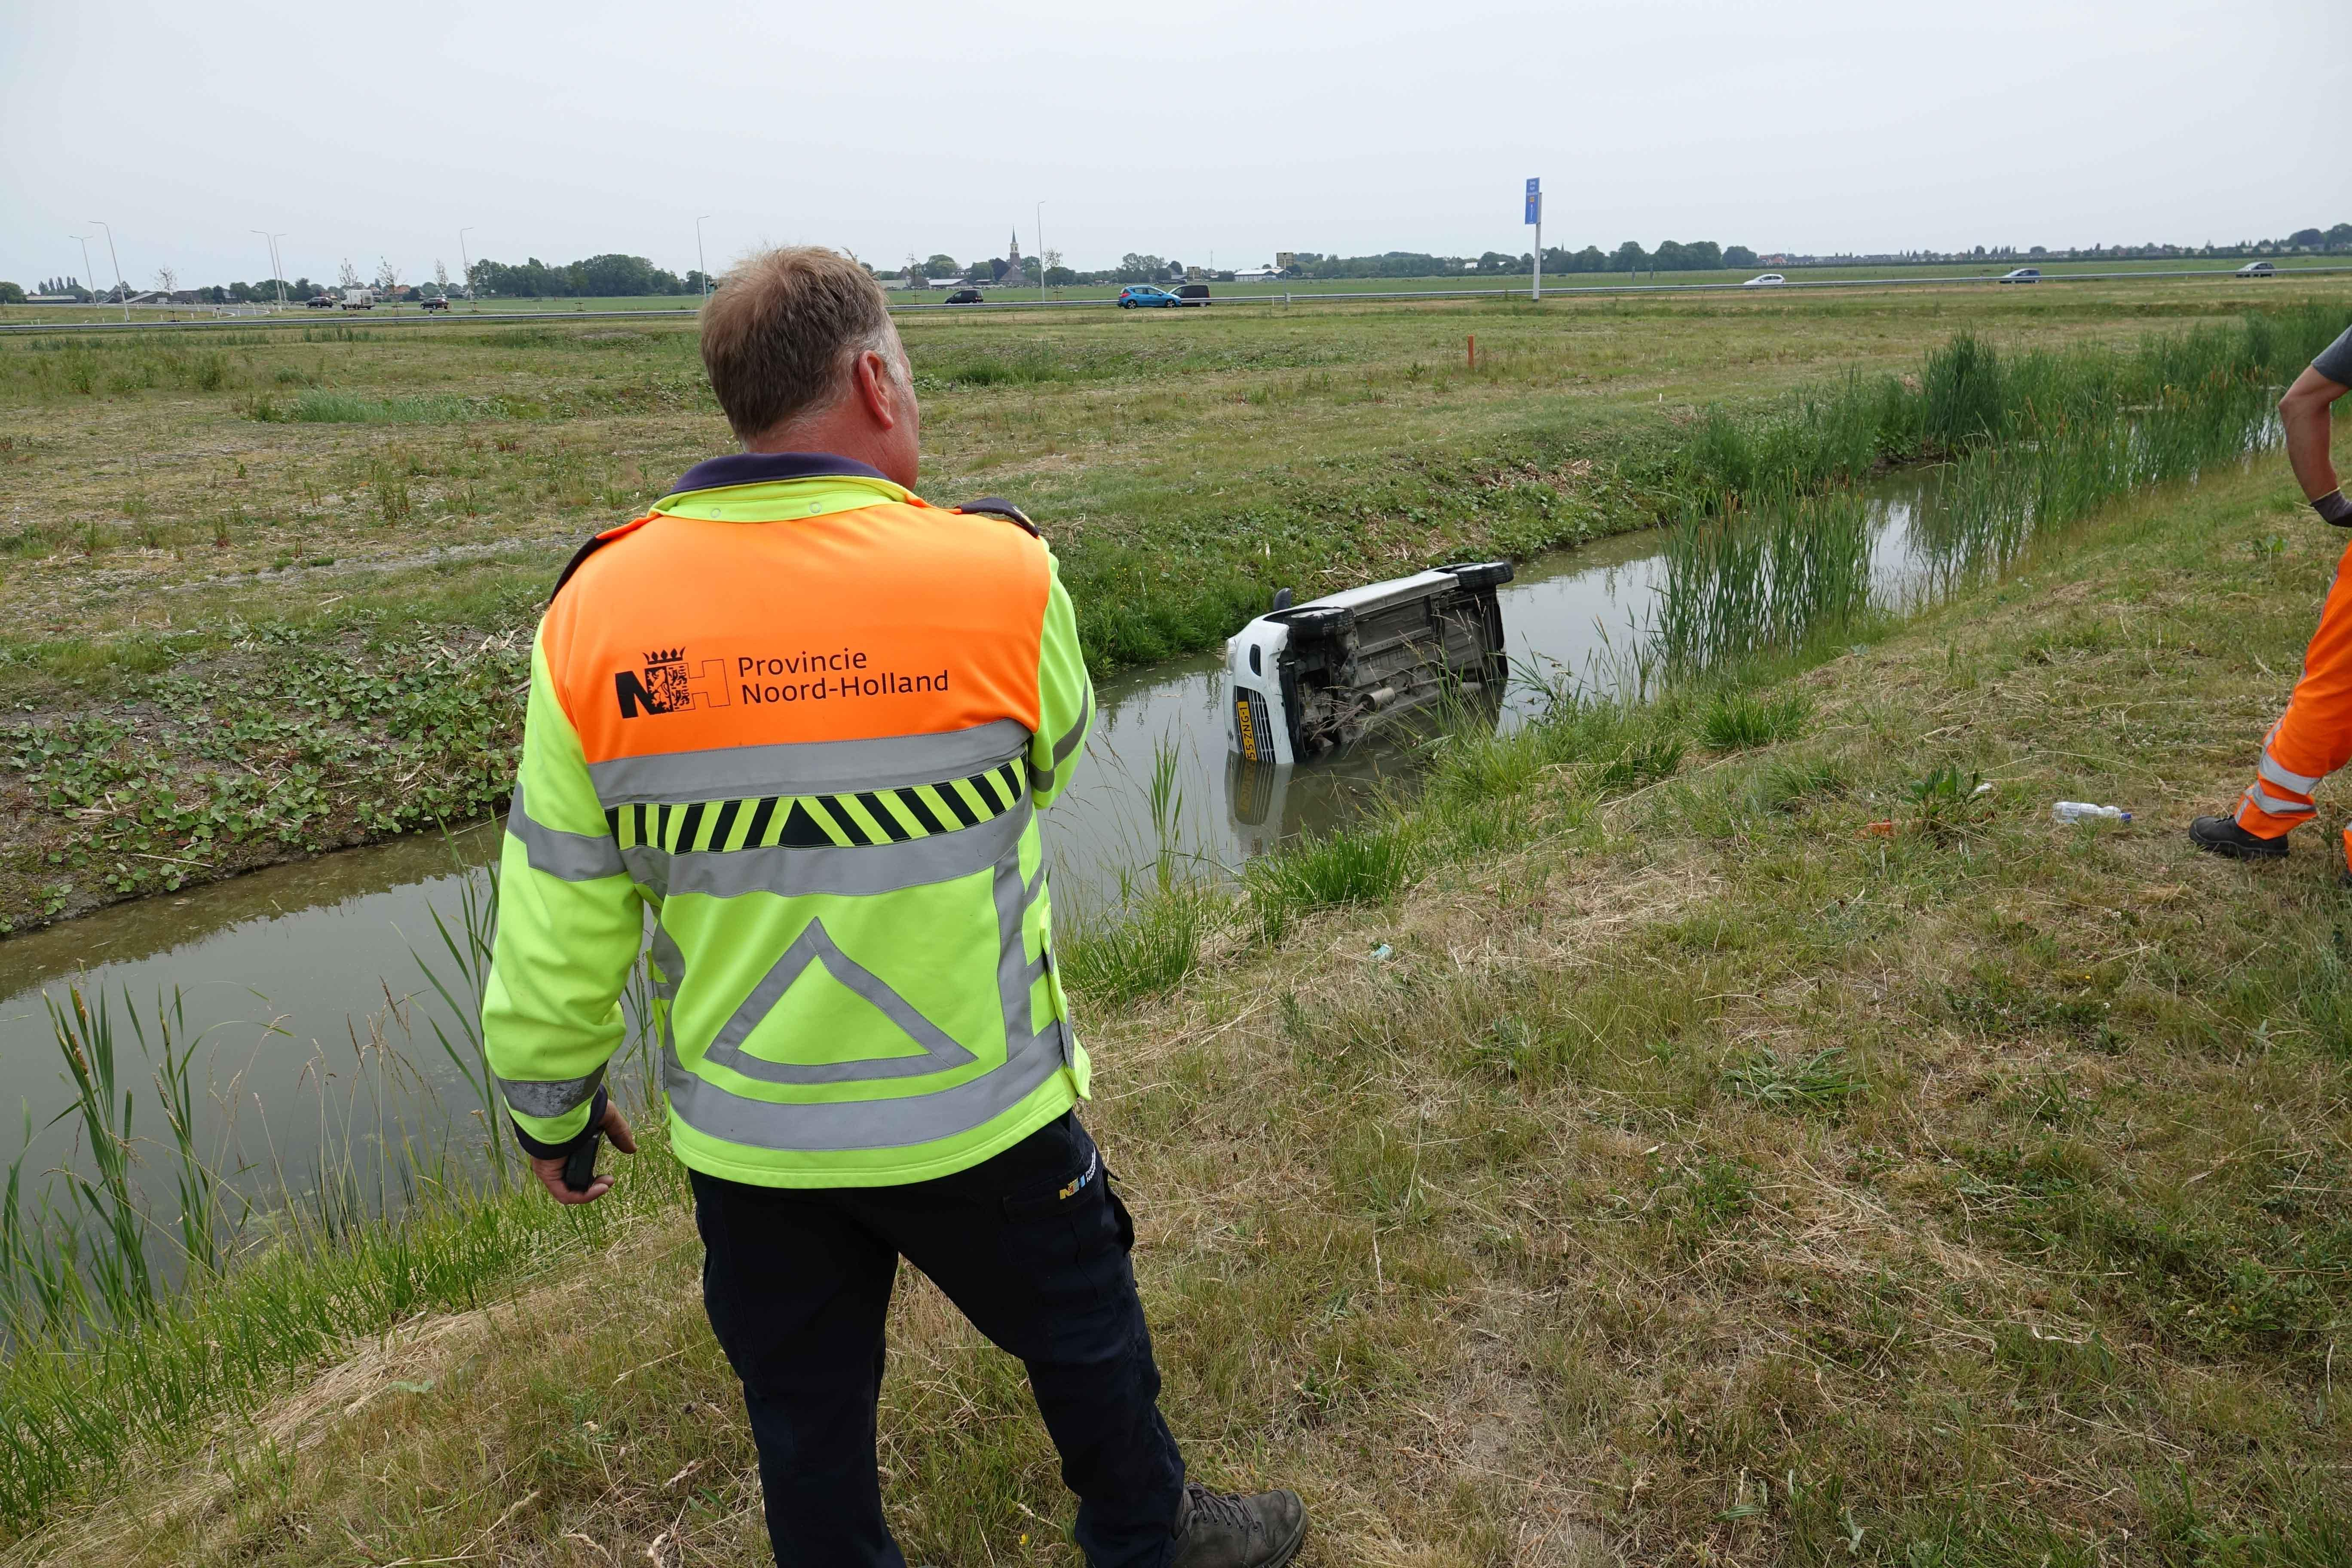 Automobilist belandt met auto in sloot en raakt gewond in Zwaagdijk